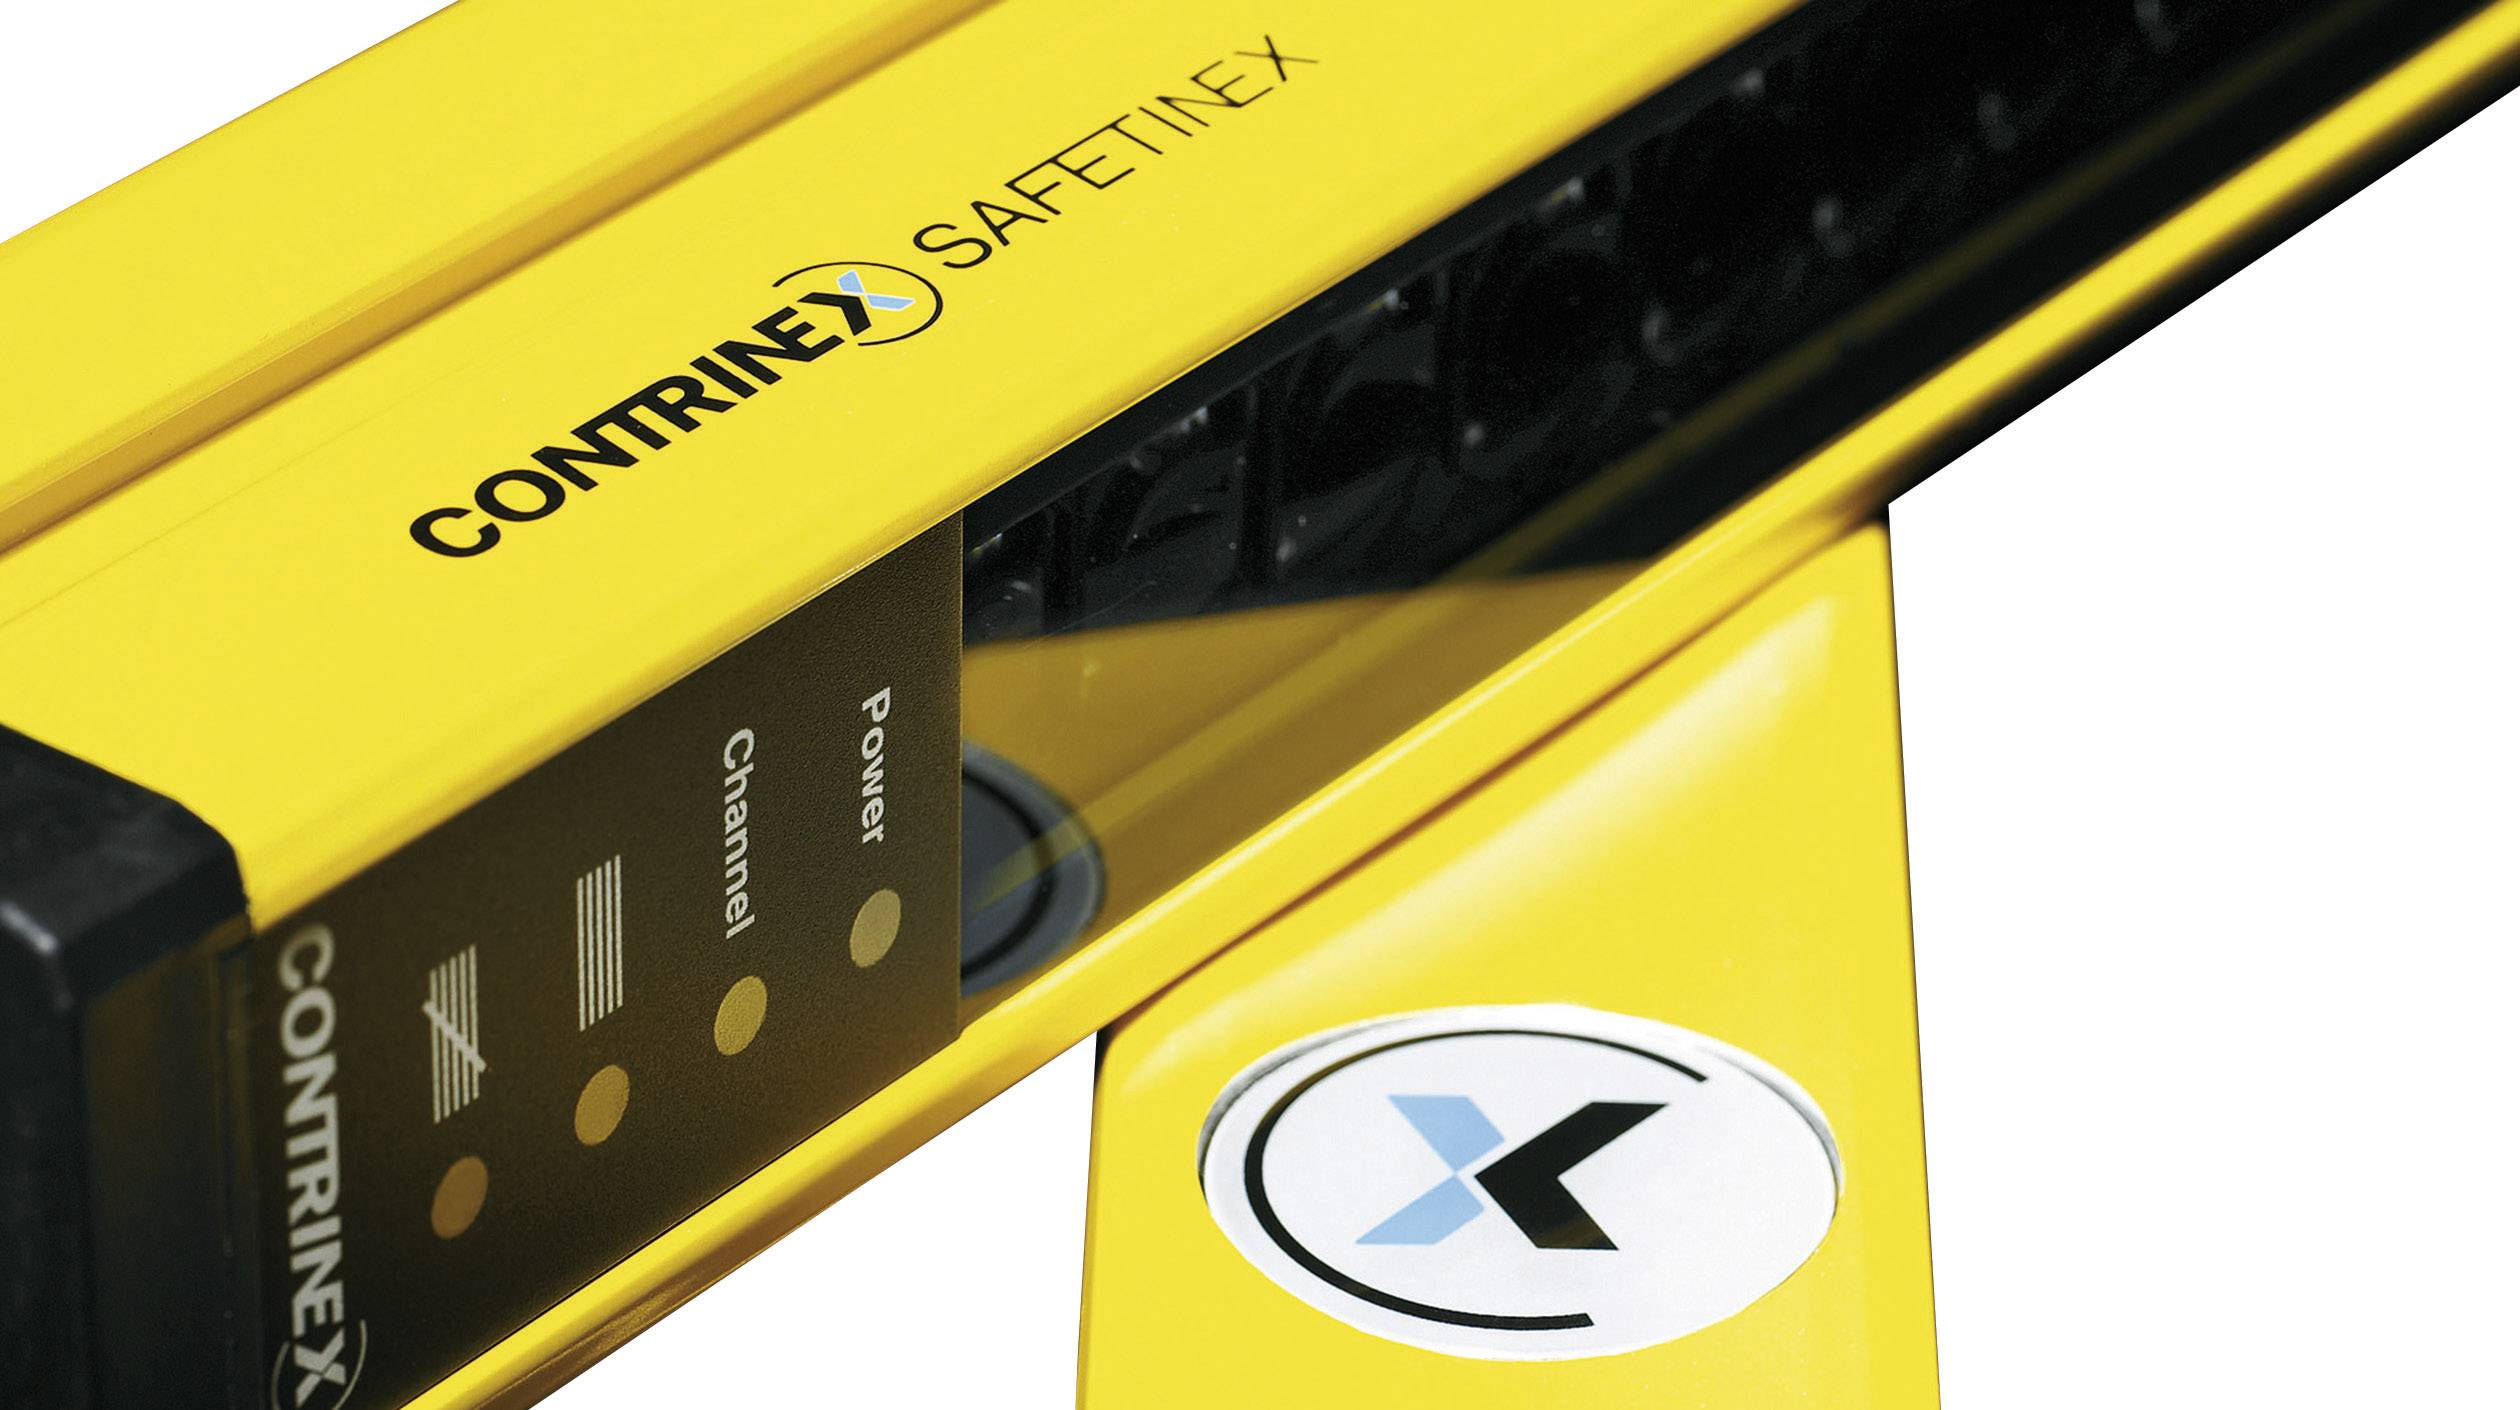 Vícepaprsková bezpečnostní světelná závora pro ochranu osob Contrinex YCA-50S4-4400-G012 630 100 049